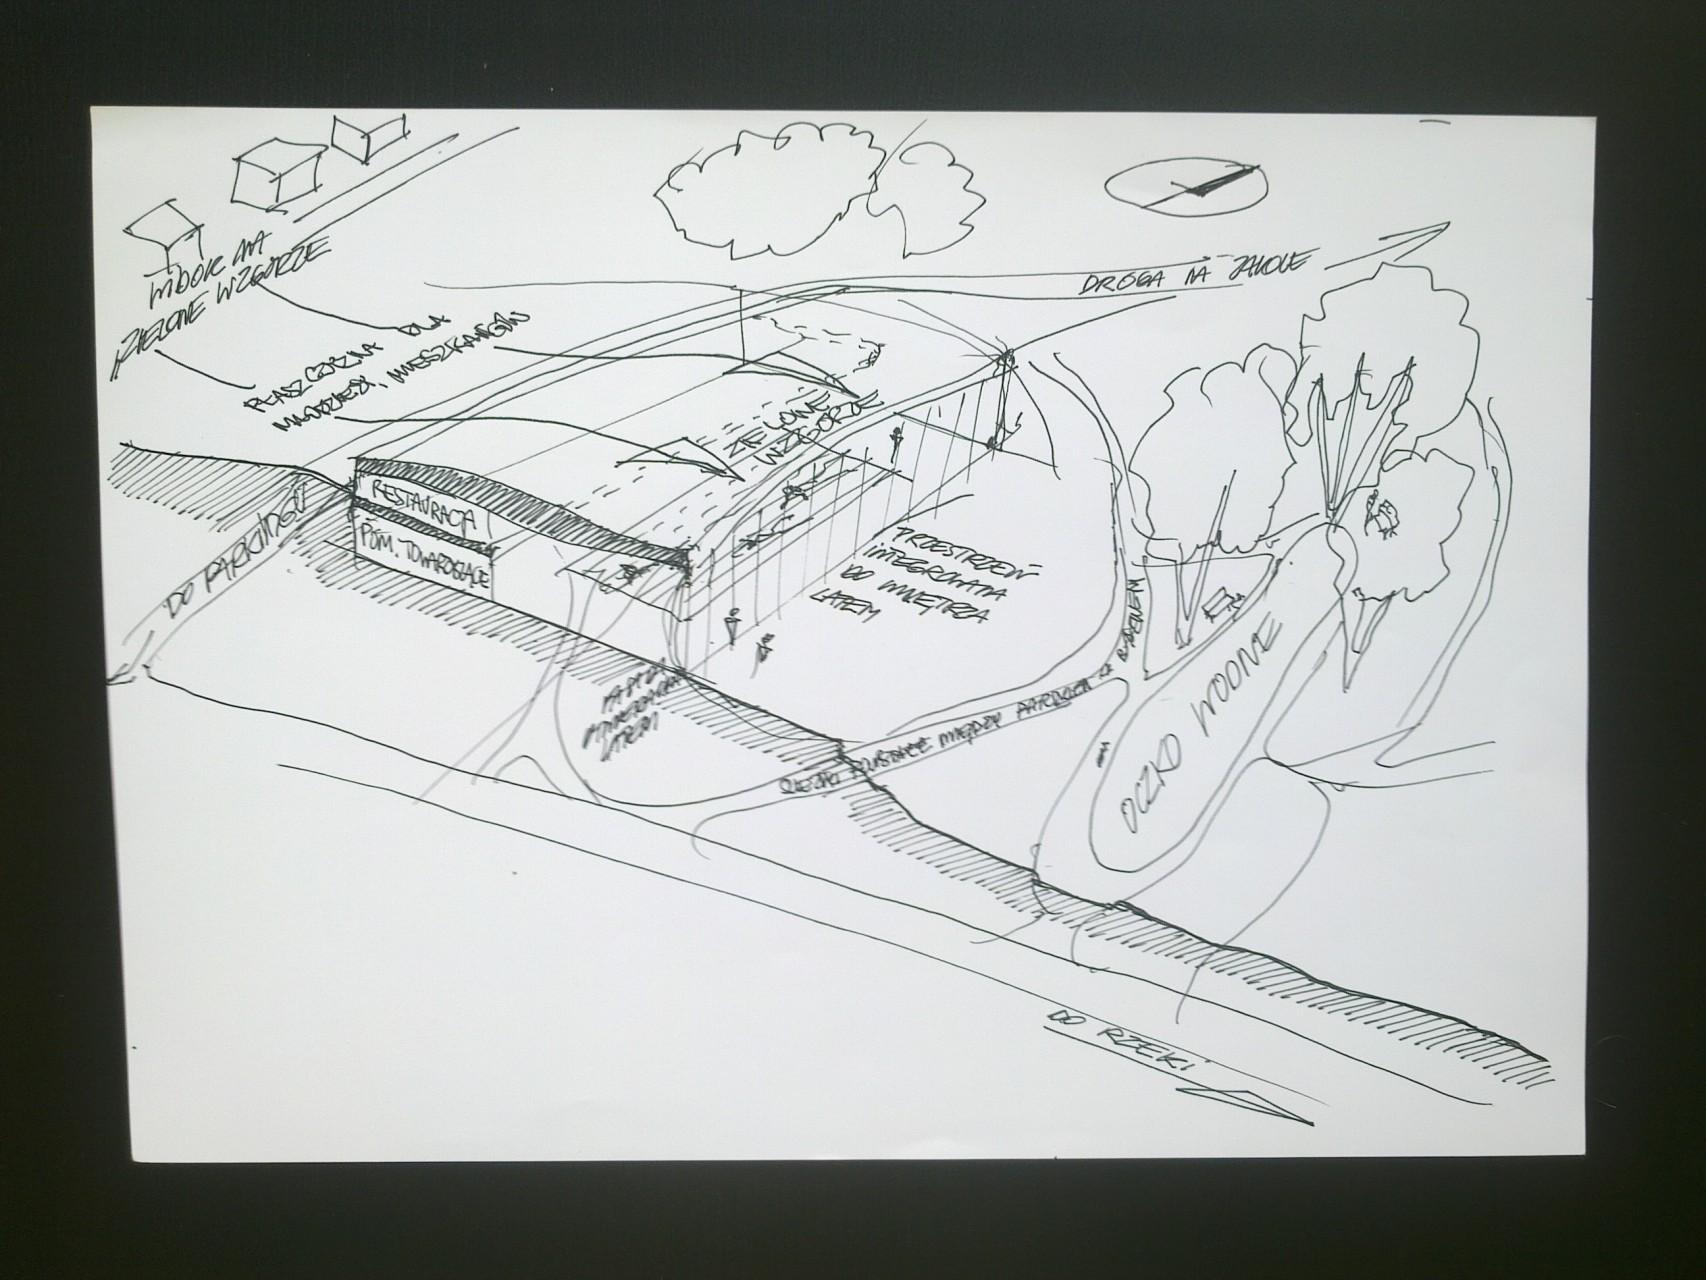 thinking architects ARCHITEKT Jakub Gwizdała projekty gotowe nowoczesny projekt domu design-architectural-sketches-thinking-architects